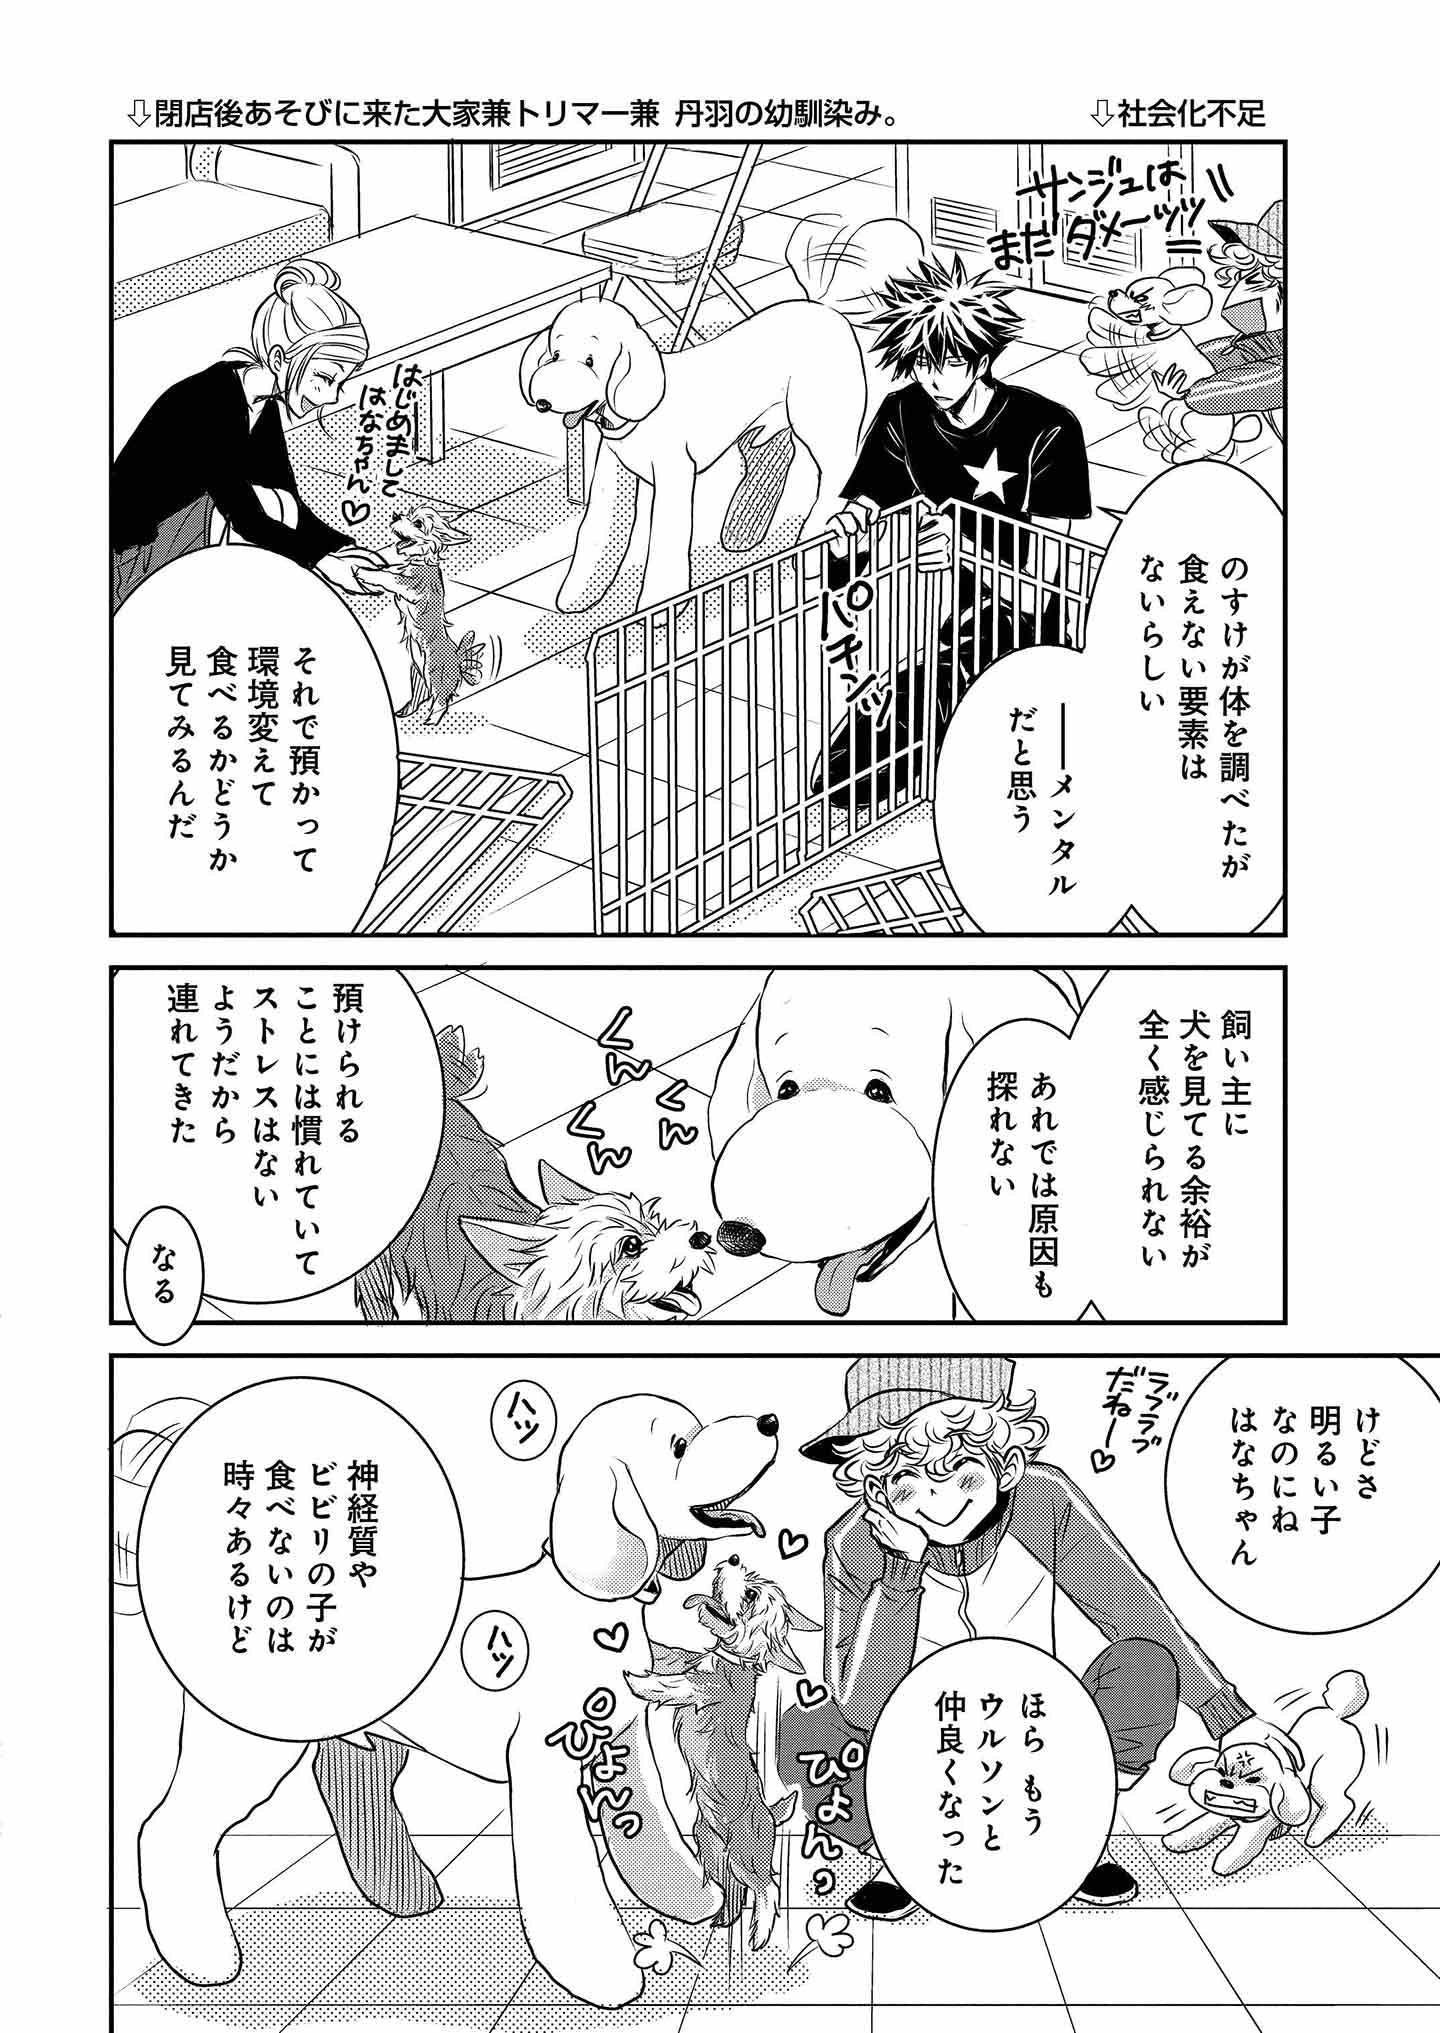 『DOG SIGNAL』13話目③ 1ページ目